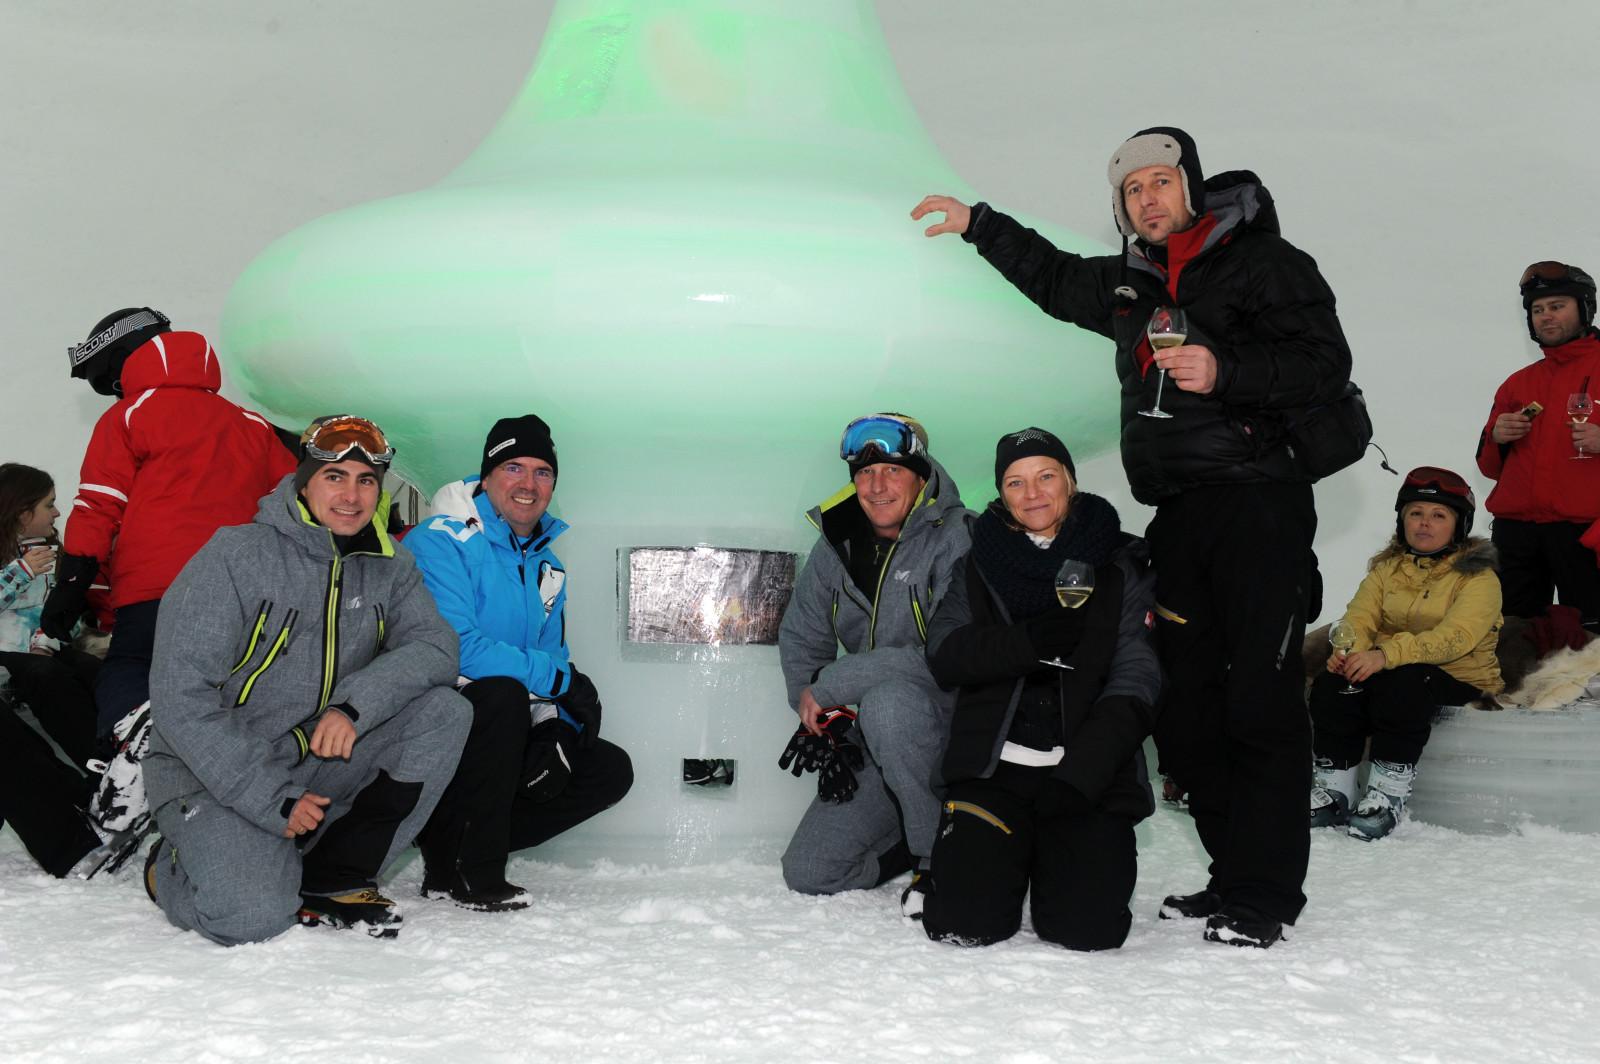 Die Macher des Ice Camps: v.l Chris Geissler, Dir. Norbert Karlsböck, Andy Tremschnig, Anna Kramm und Eiskünstler Max Seibald.